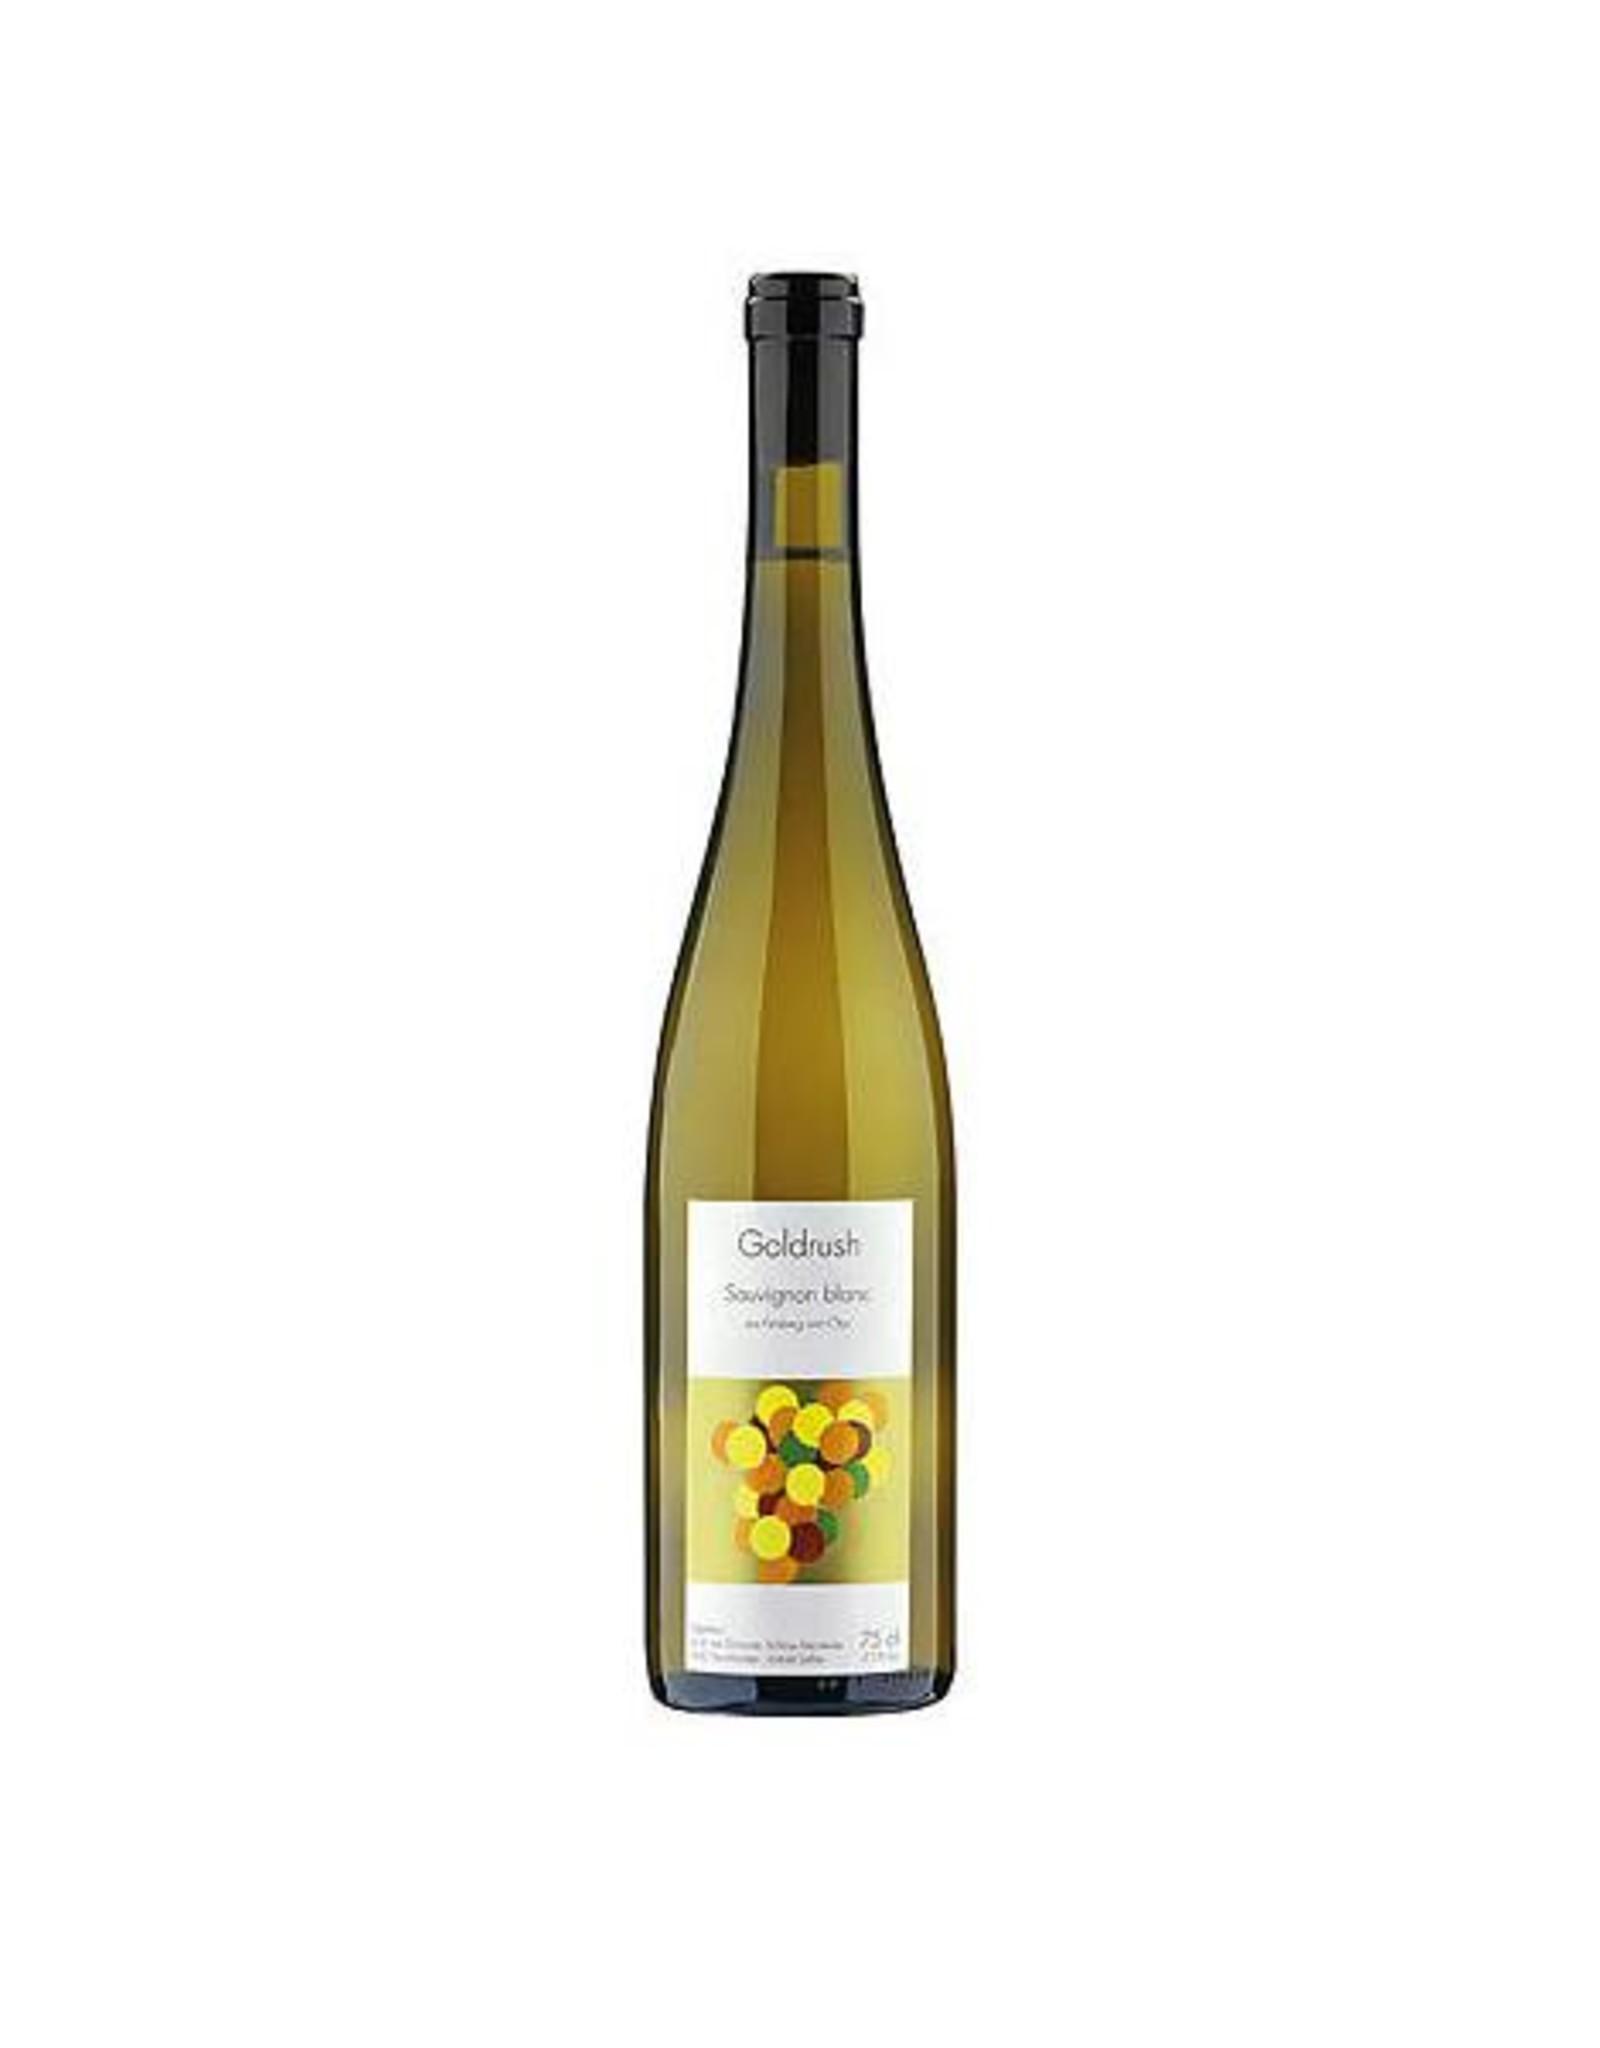 Weinbau von Tscharner, AOC Graubünden, Sauvignon blanc aus Felsberg und Chur Goldrush